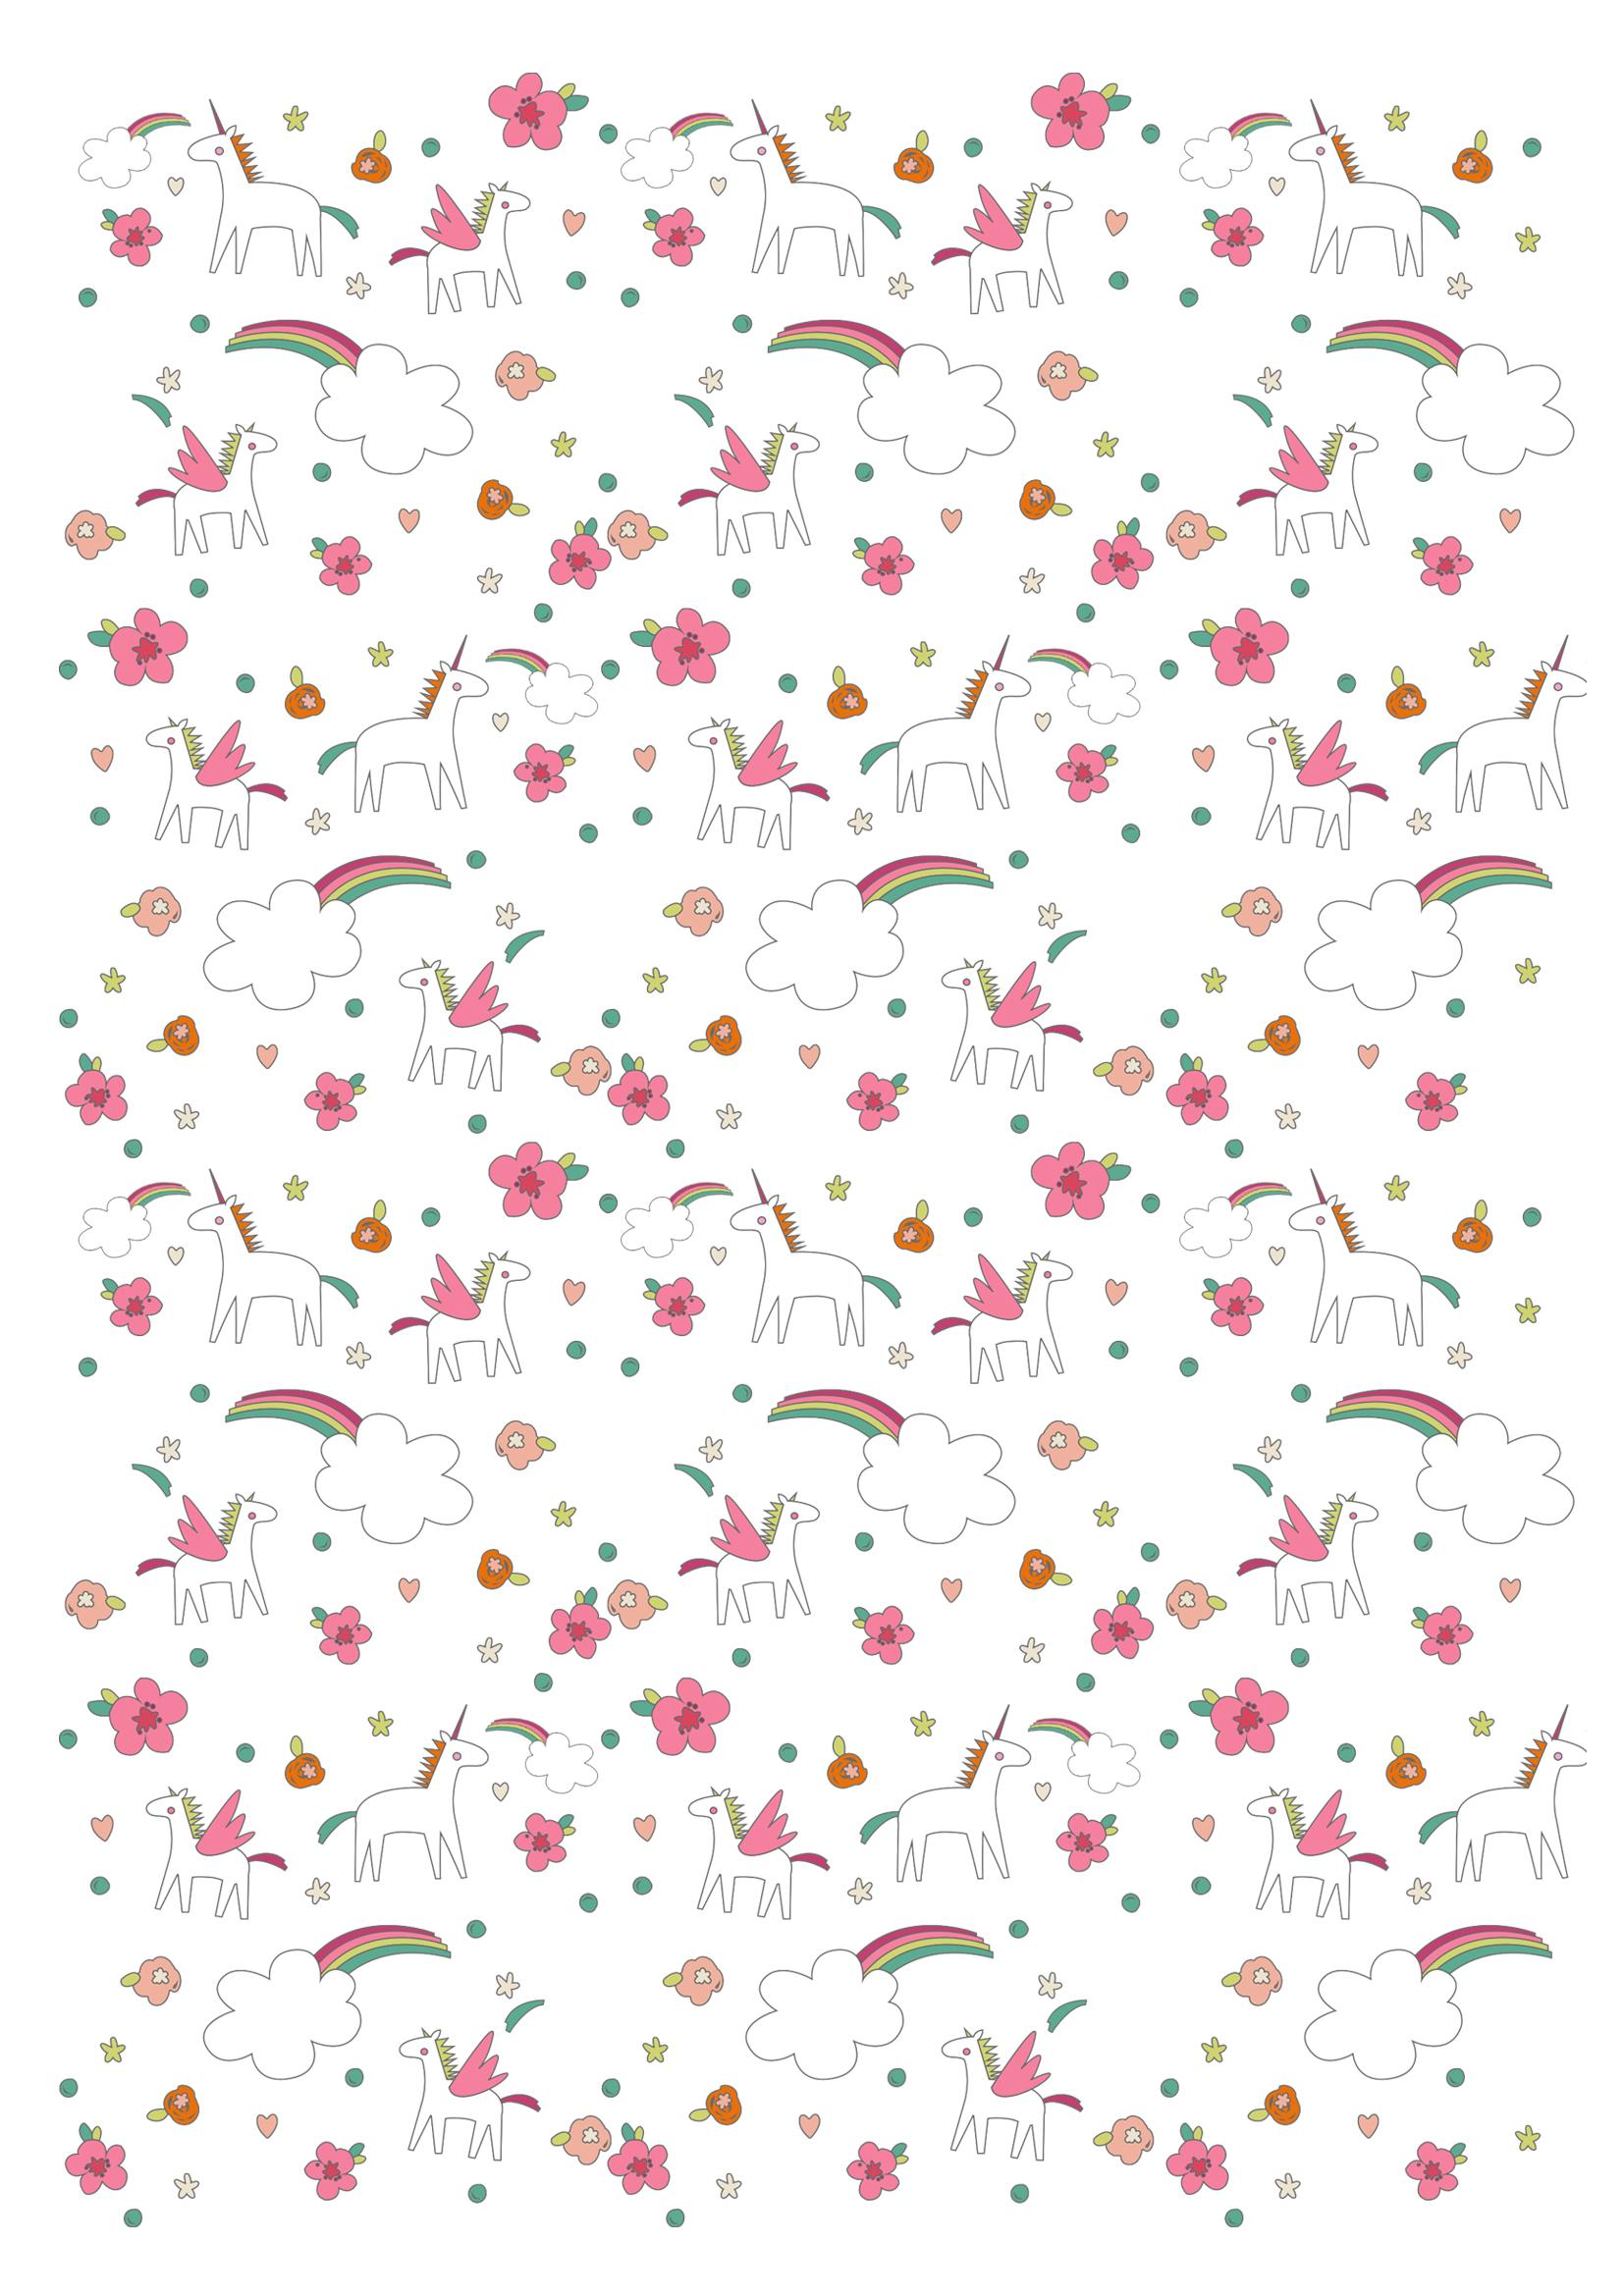 Extrêmement Papier à motifs licornes à imprimer - Momes.net GV19